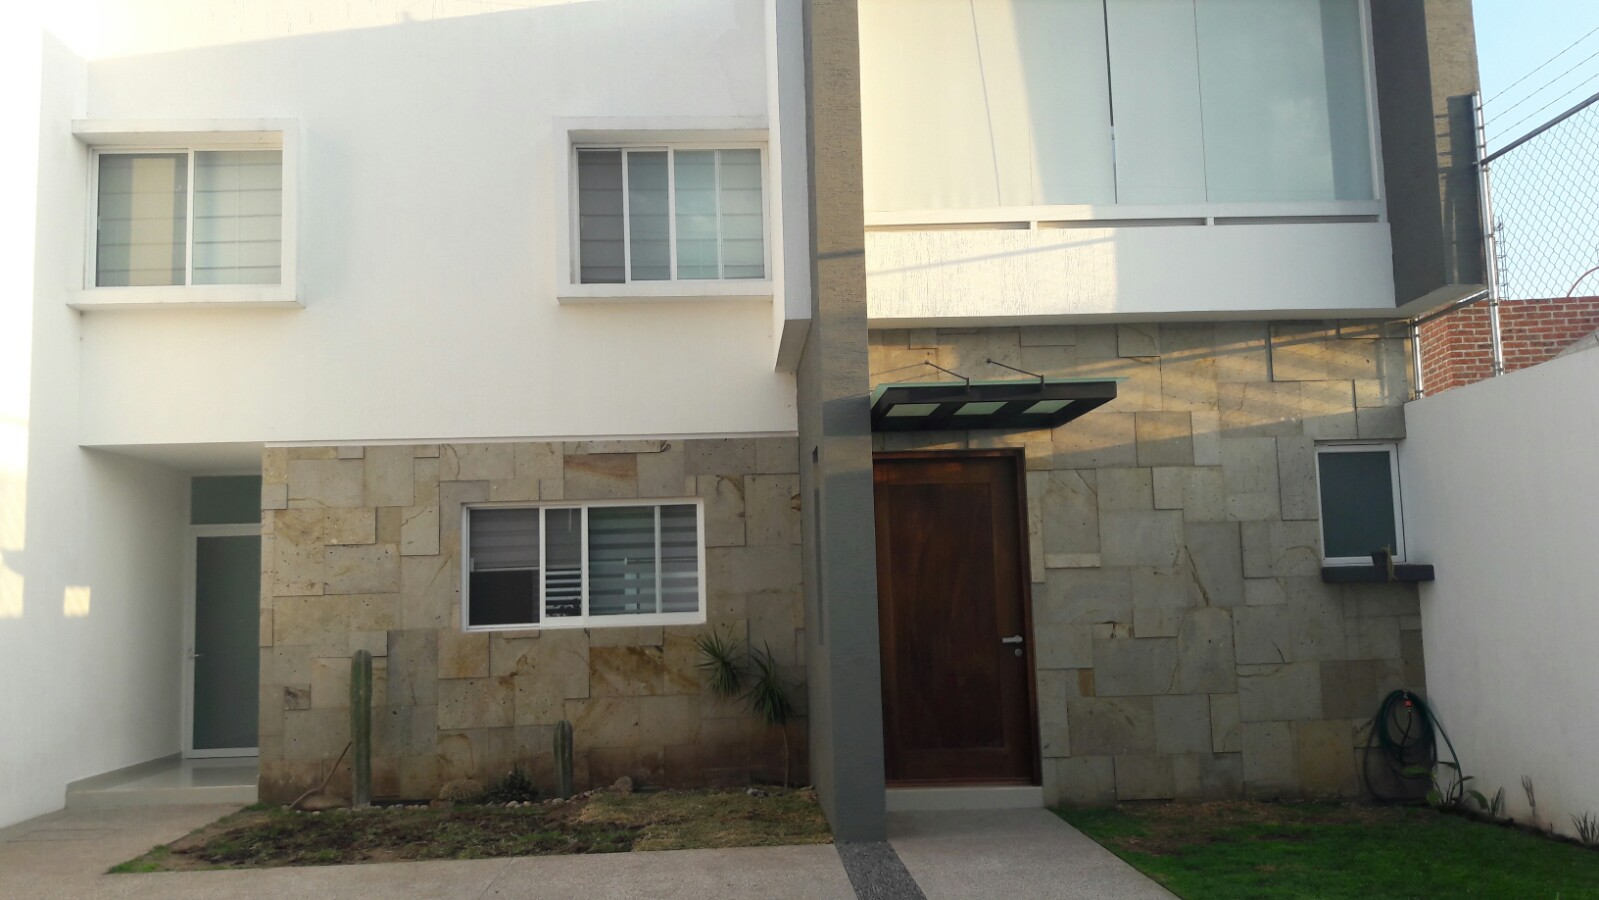 Casa en renta en villas de bernalejo irapuato goplaceit for Villas irapuato